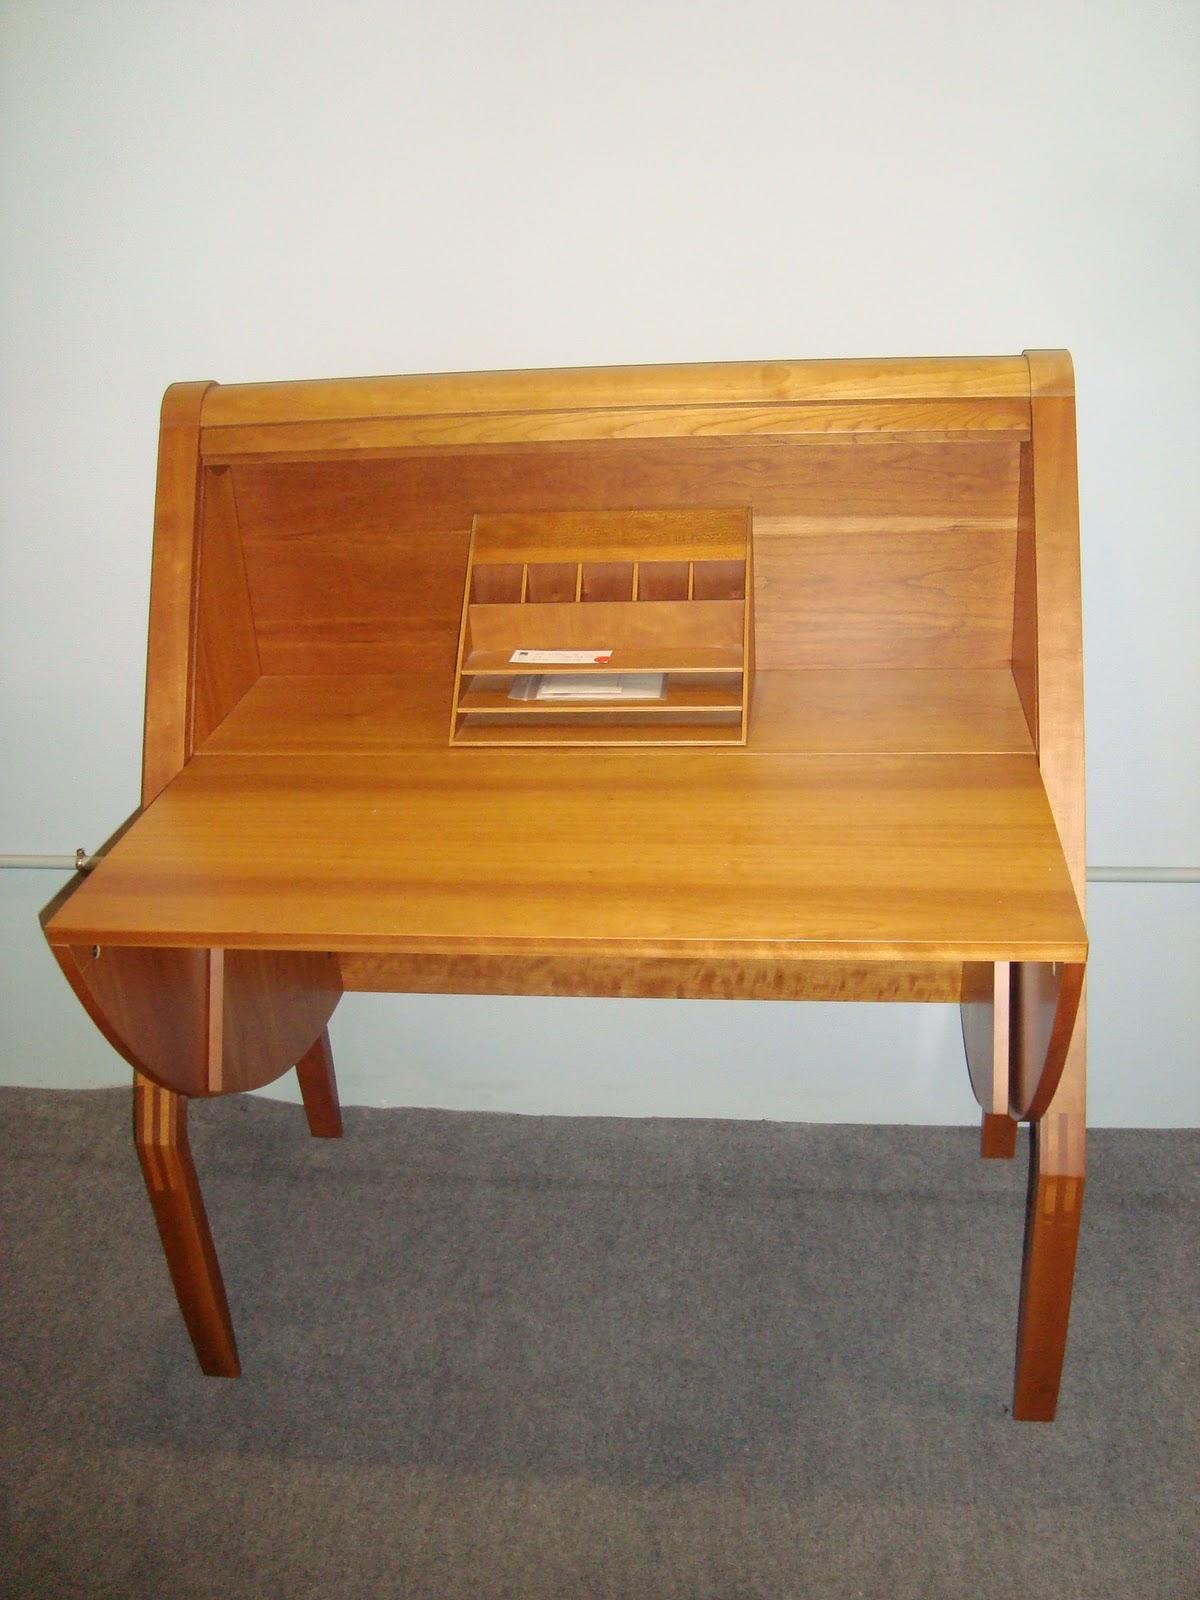 Liquidacion muebles de dise o decorativo for Muebles oficina baratos liquidacion por cierre